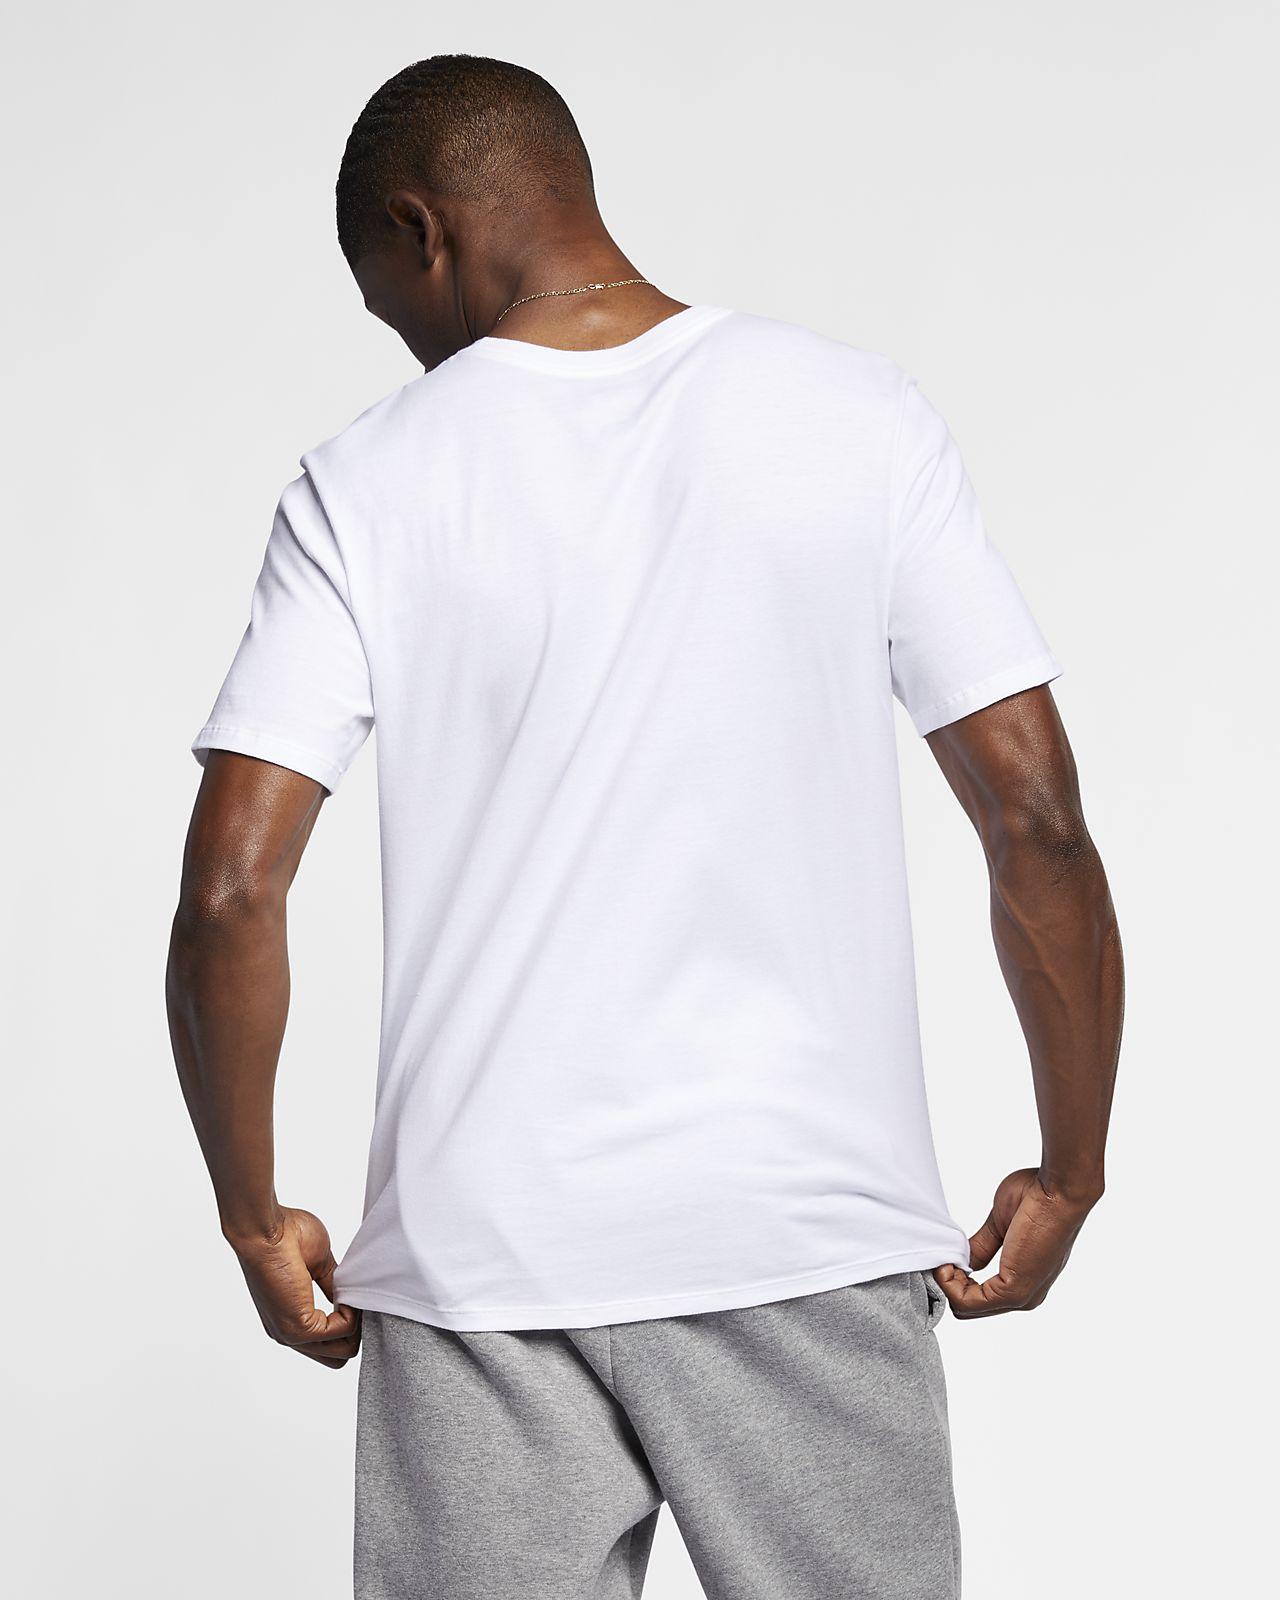 Il Shirt Legacy Jordan Sportswear Qf7vvw T 11 Aj Men's qUpzLSMVG